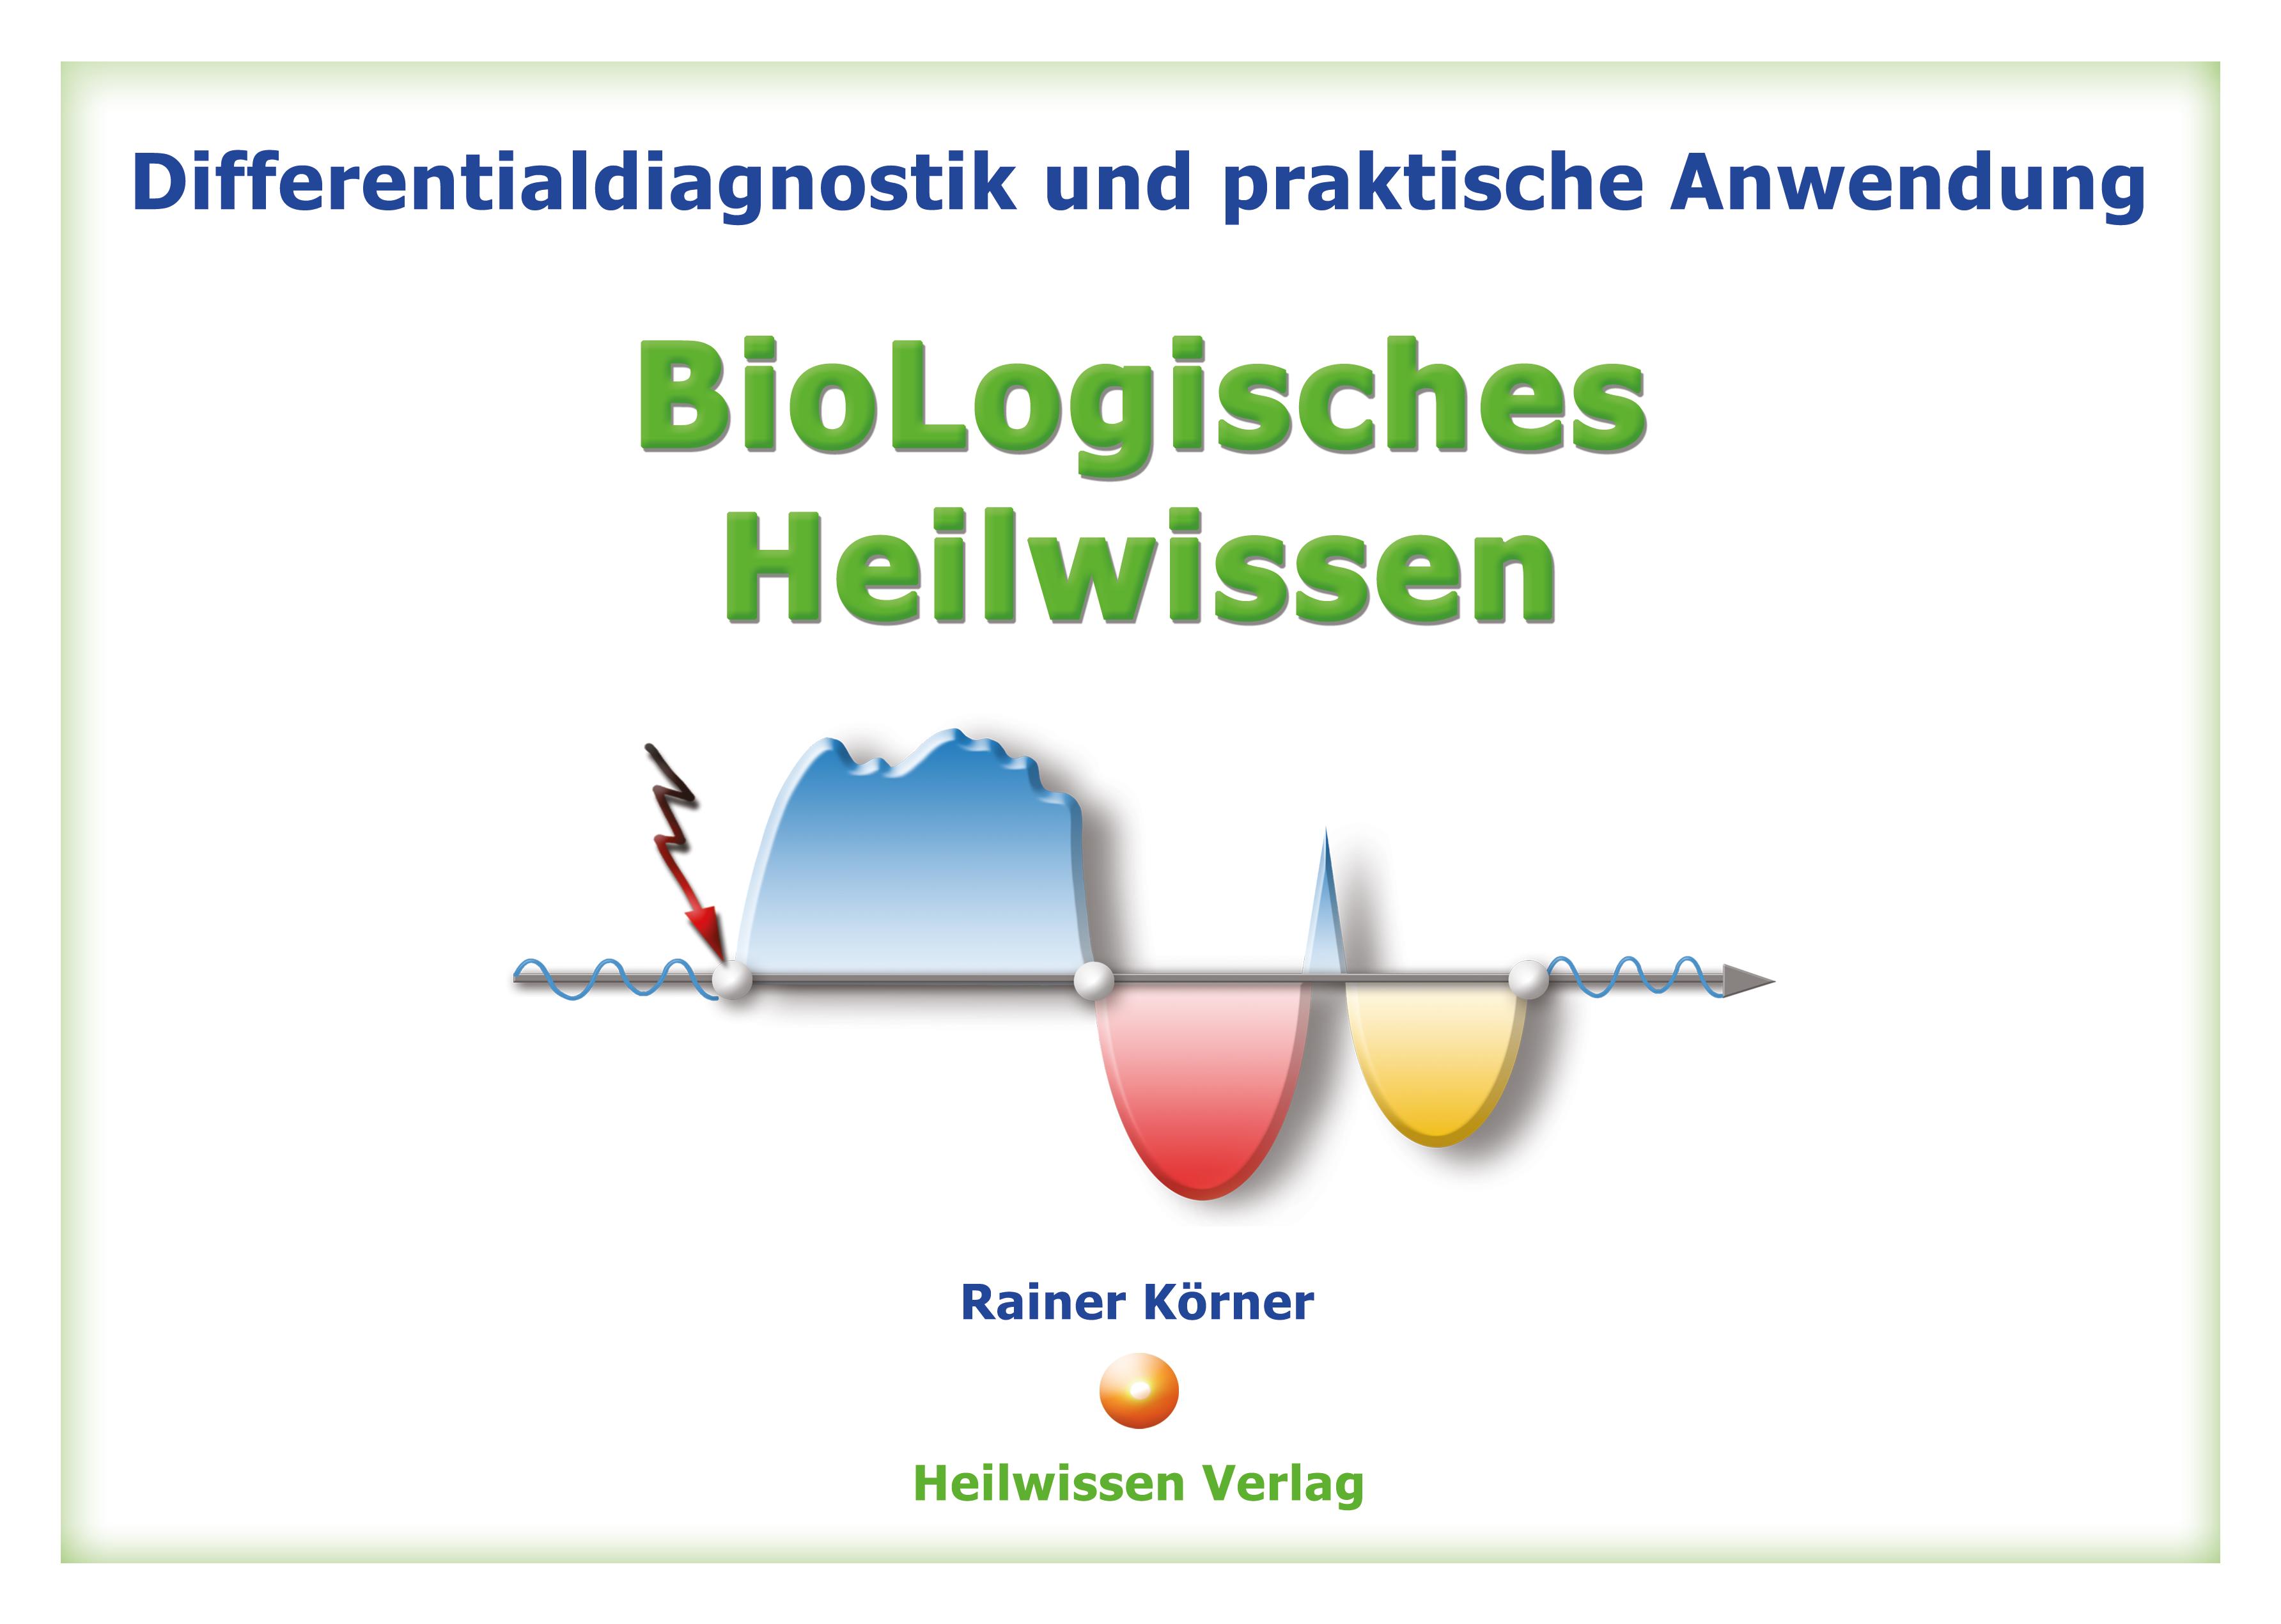 Bücher: Differentialdiagnostik BioLogisches Heilwissen